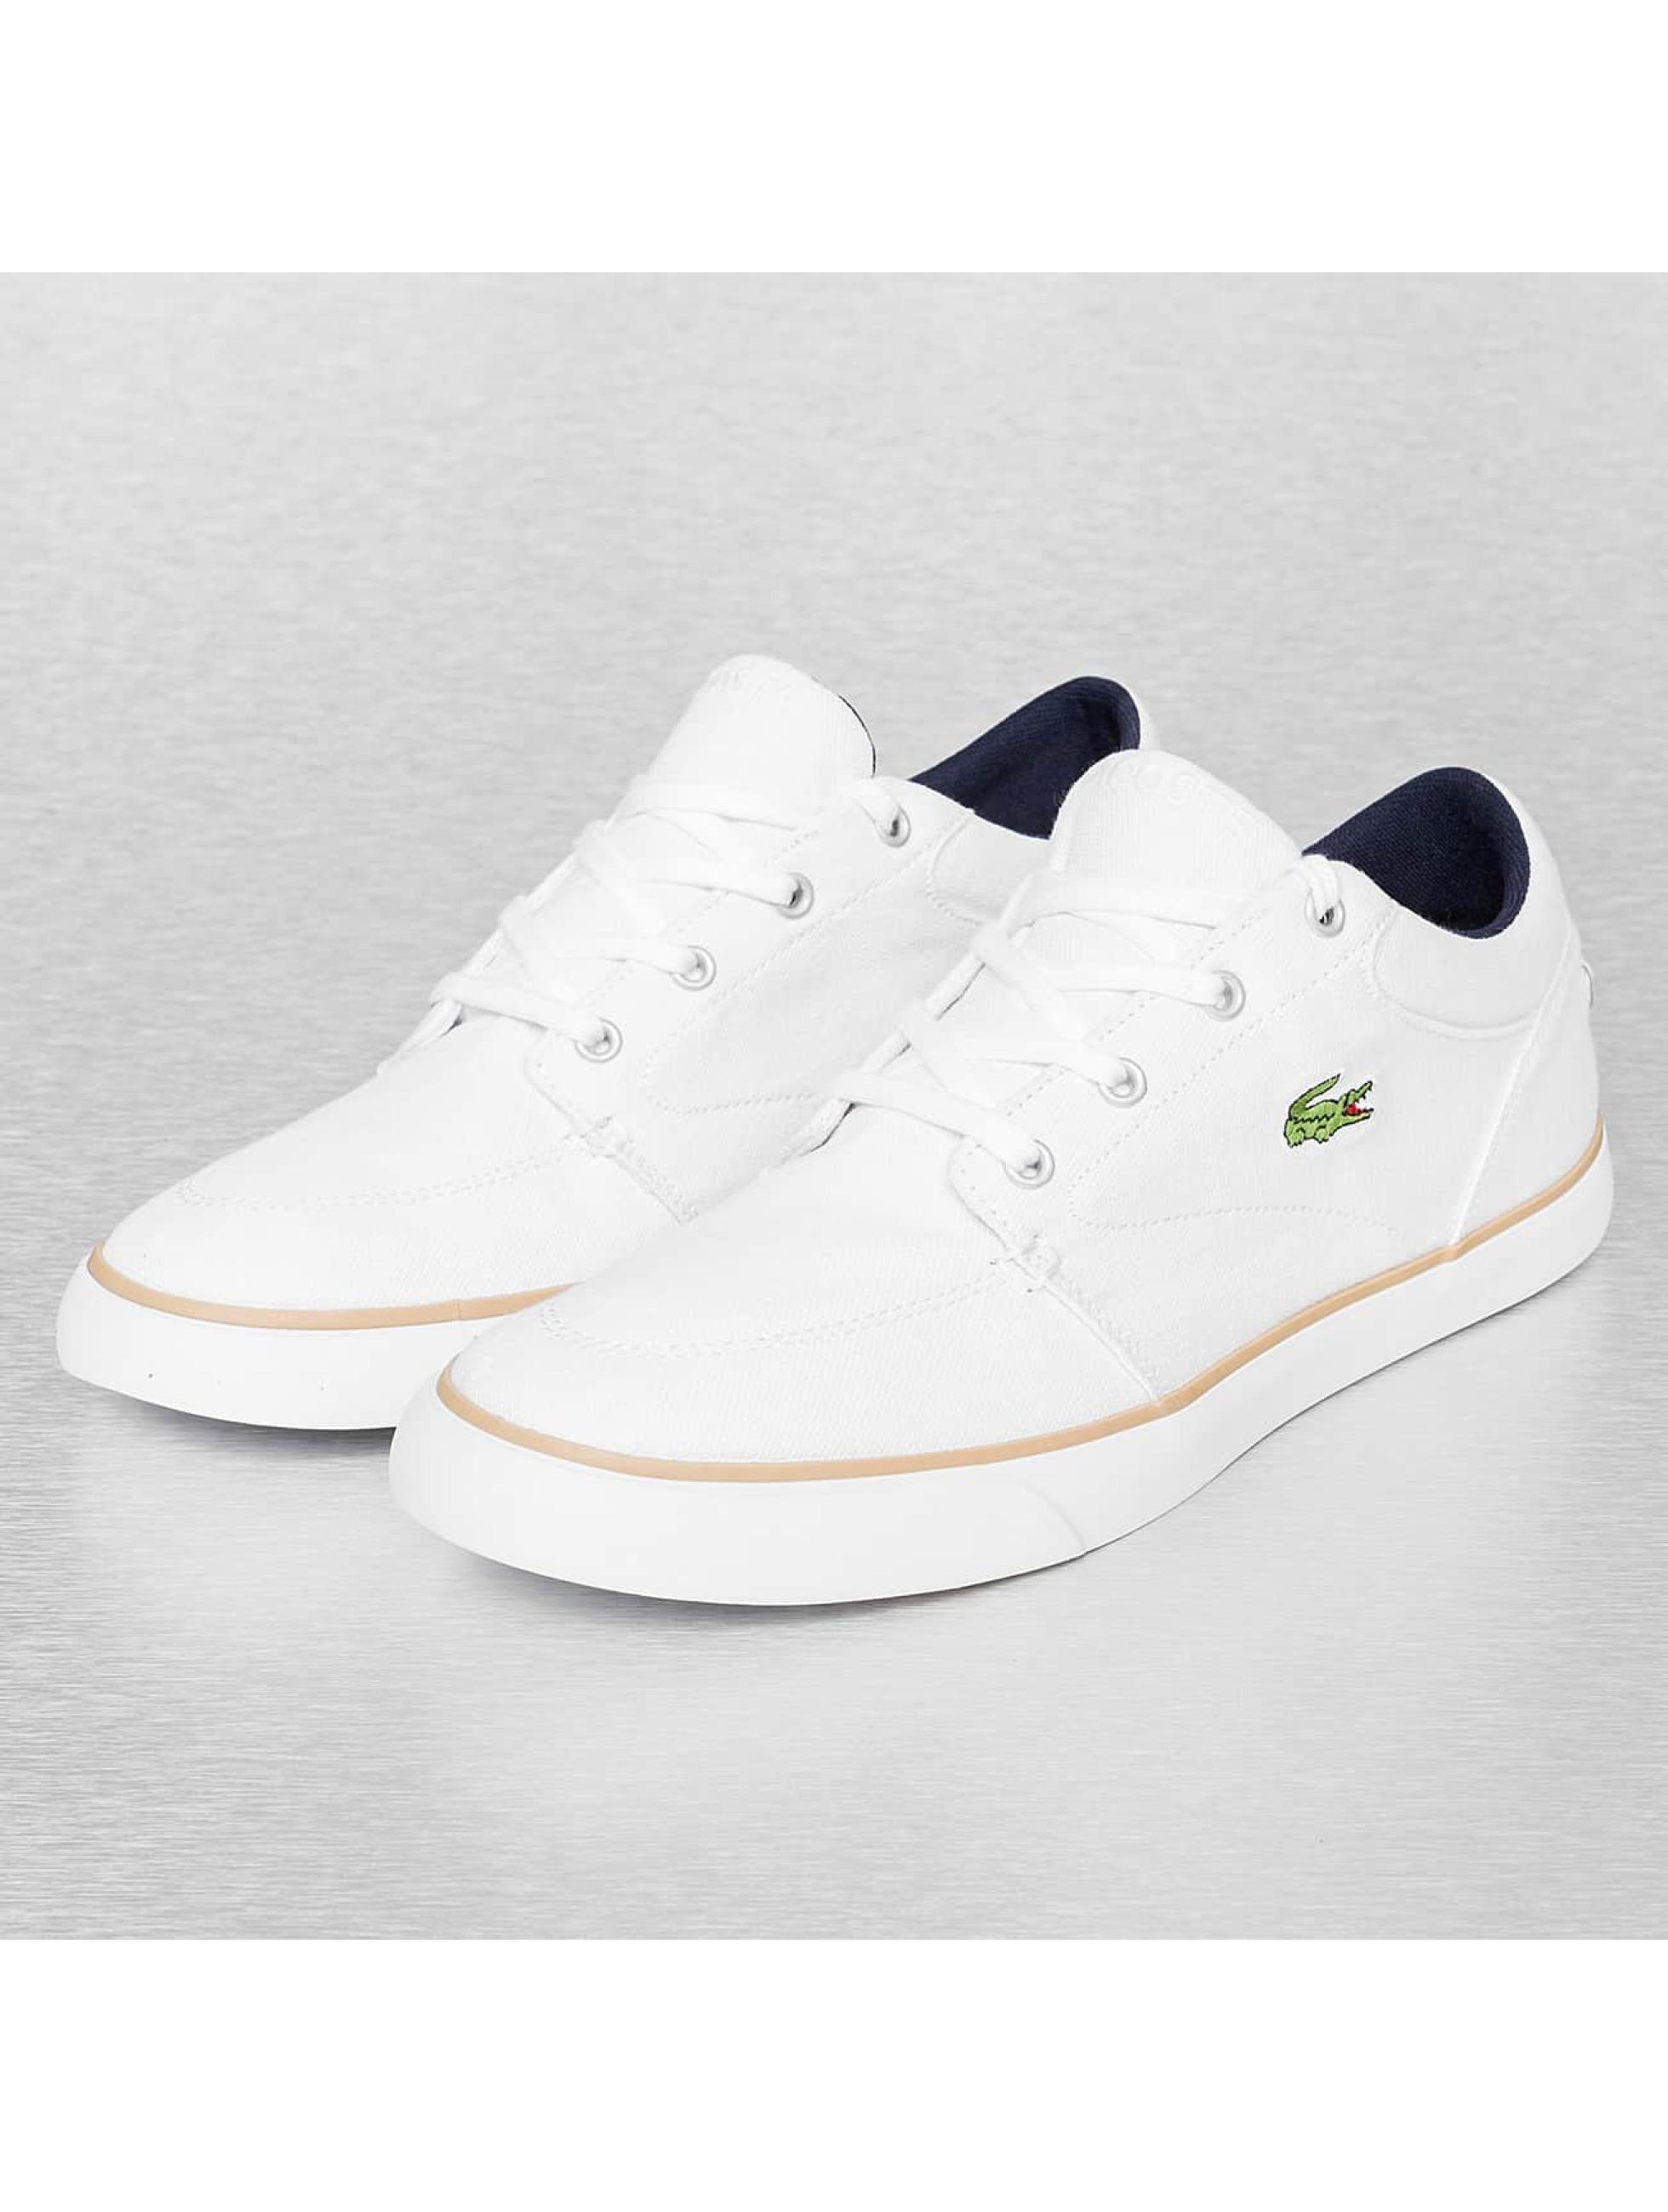 Lacoste Männer Sneaker Bayliss 116 SPM in weiß